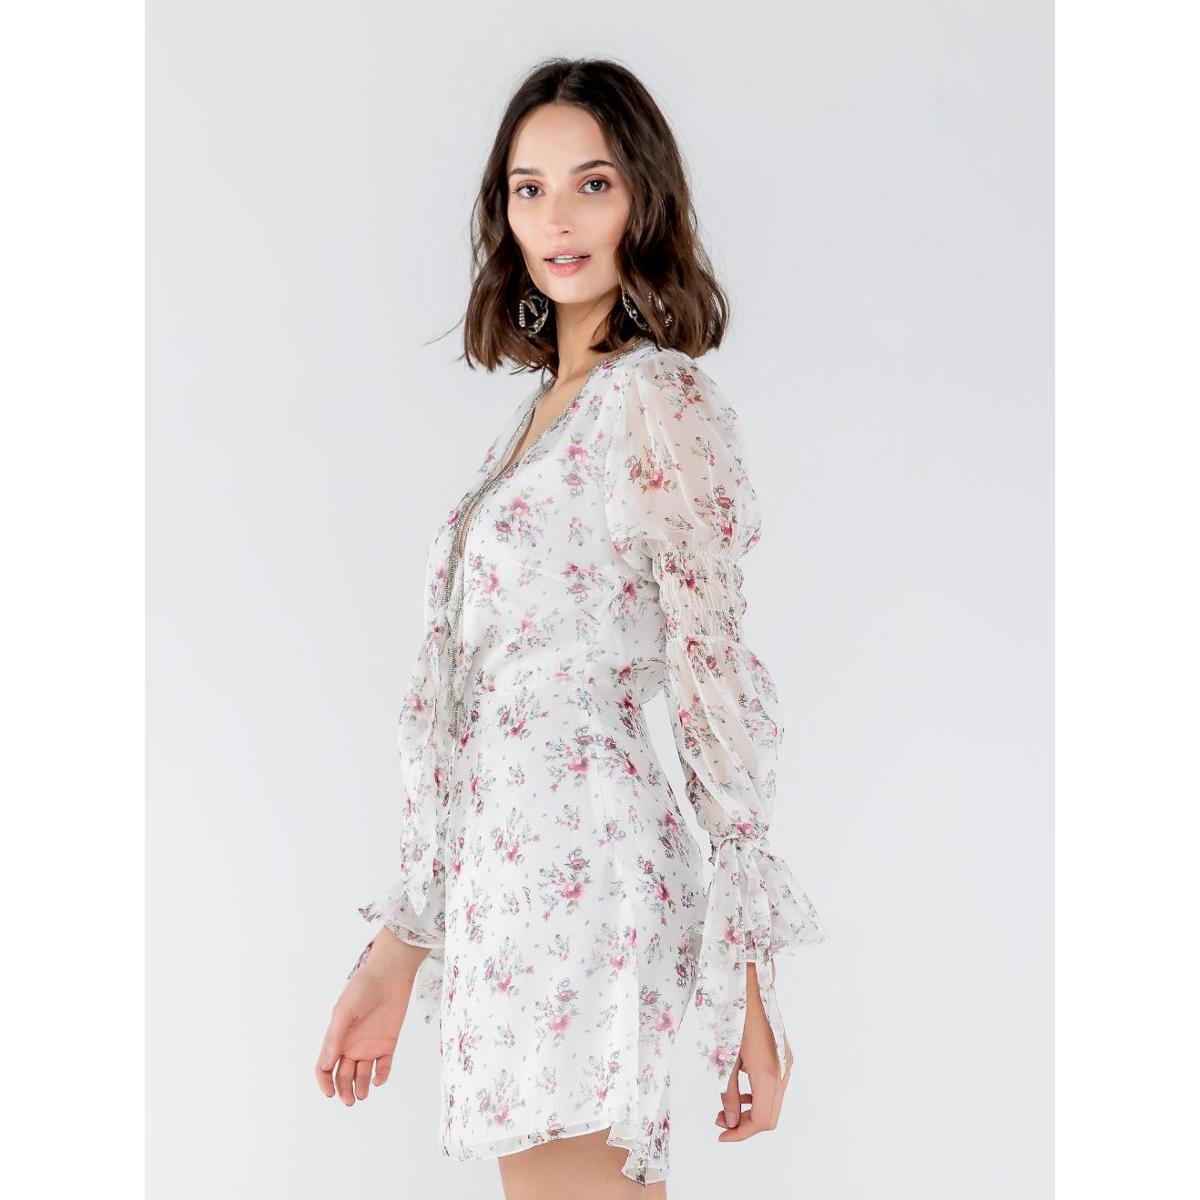 Vestido Curto Transparence Com Bordado Estampa Mix - Branco e Rosa